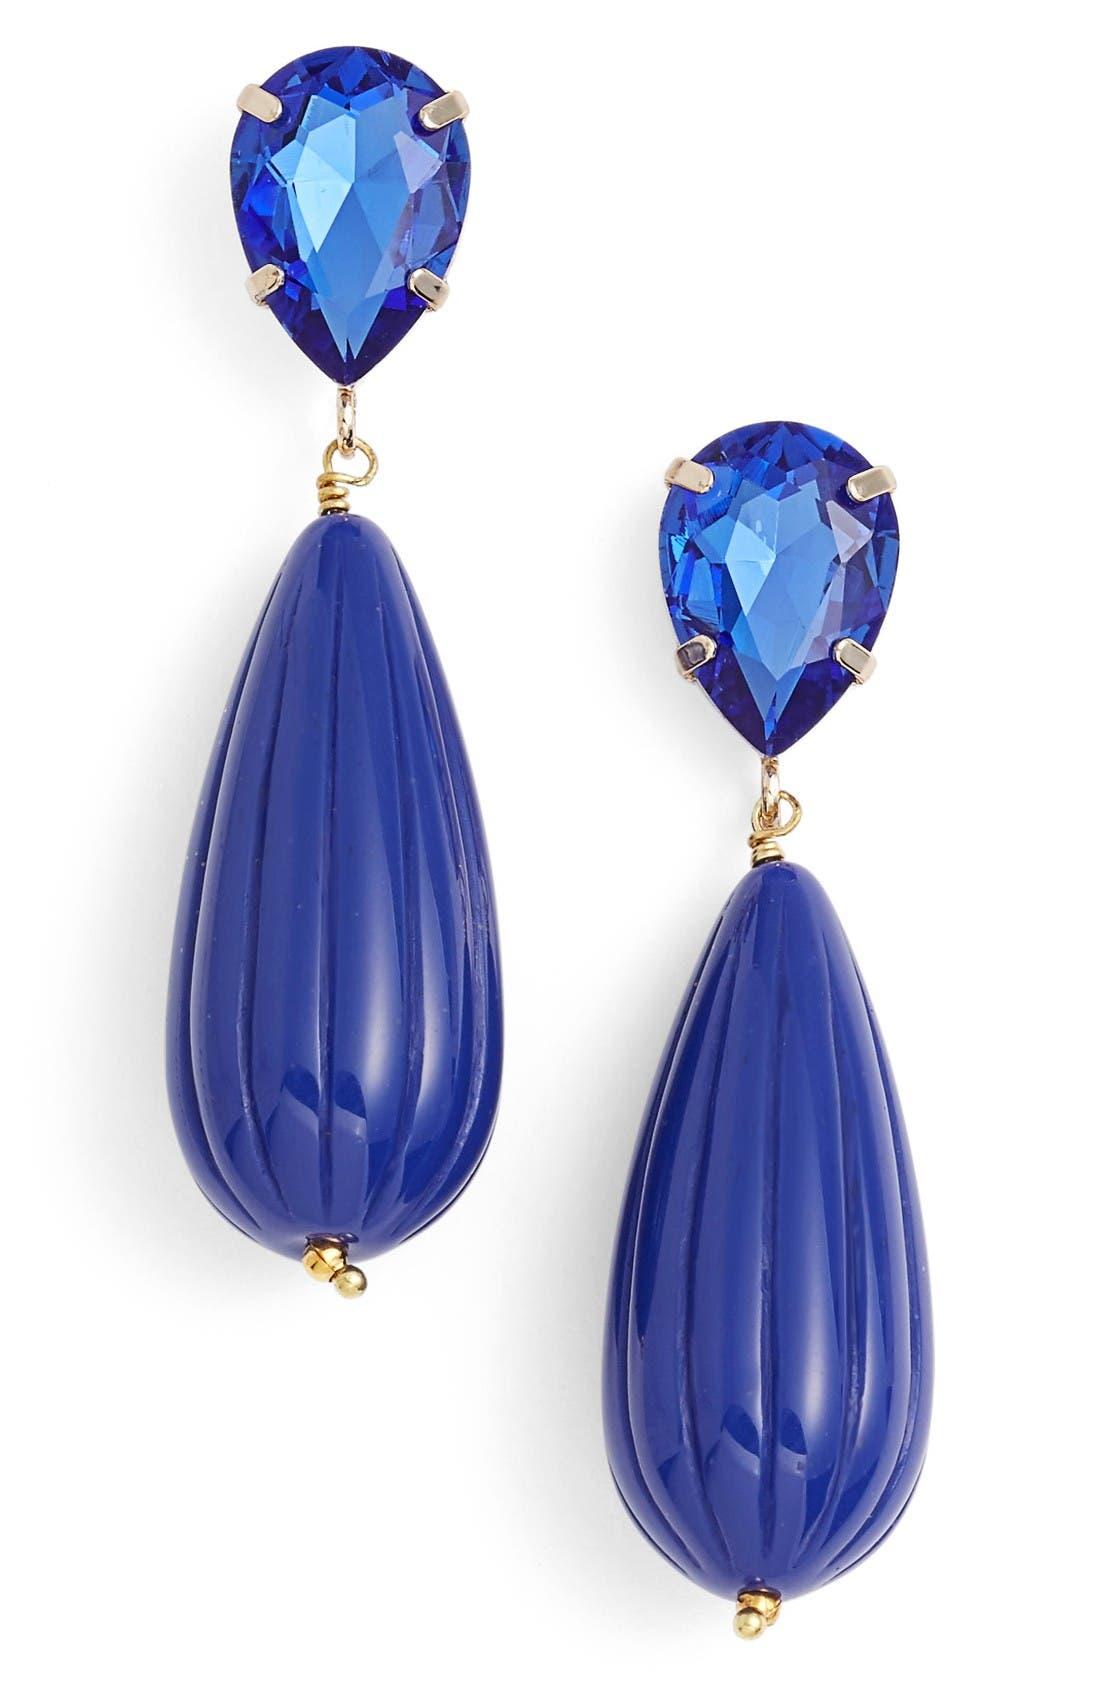 Main Image - ZENZII Teardrop Earrings